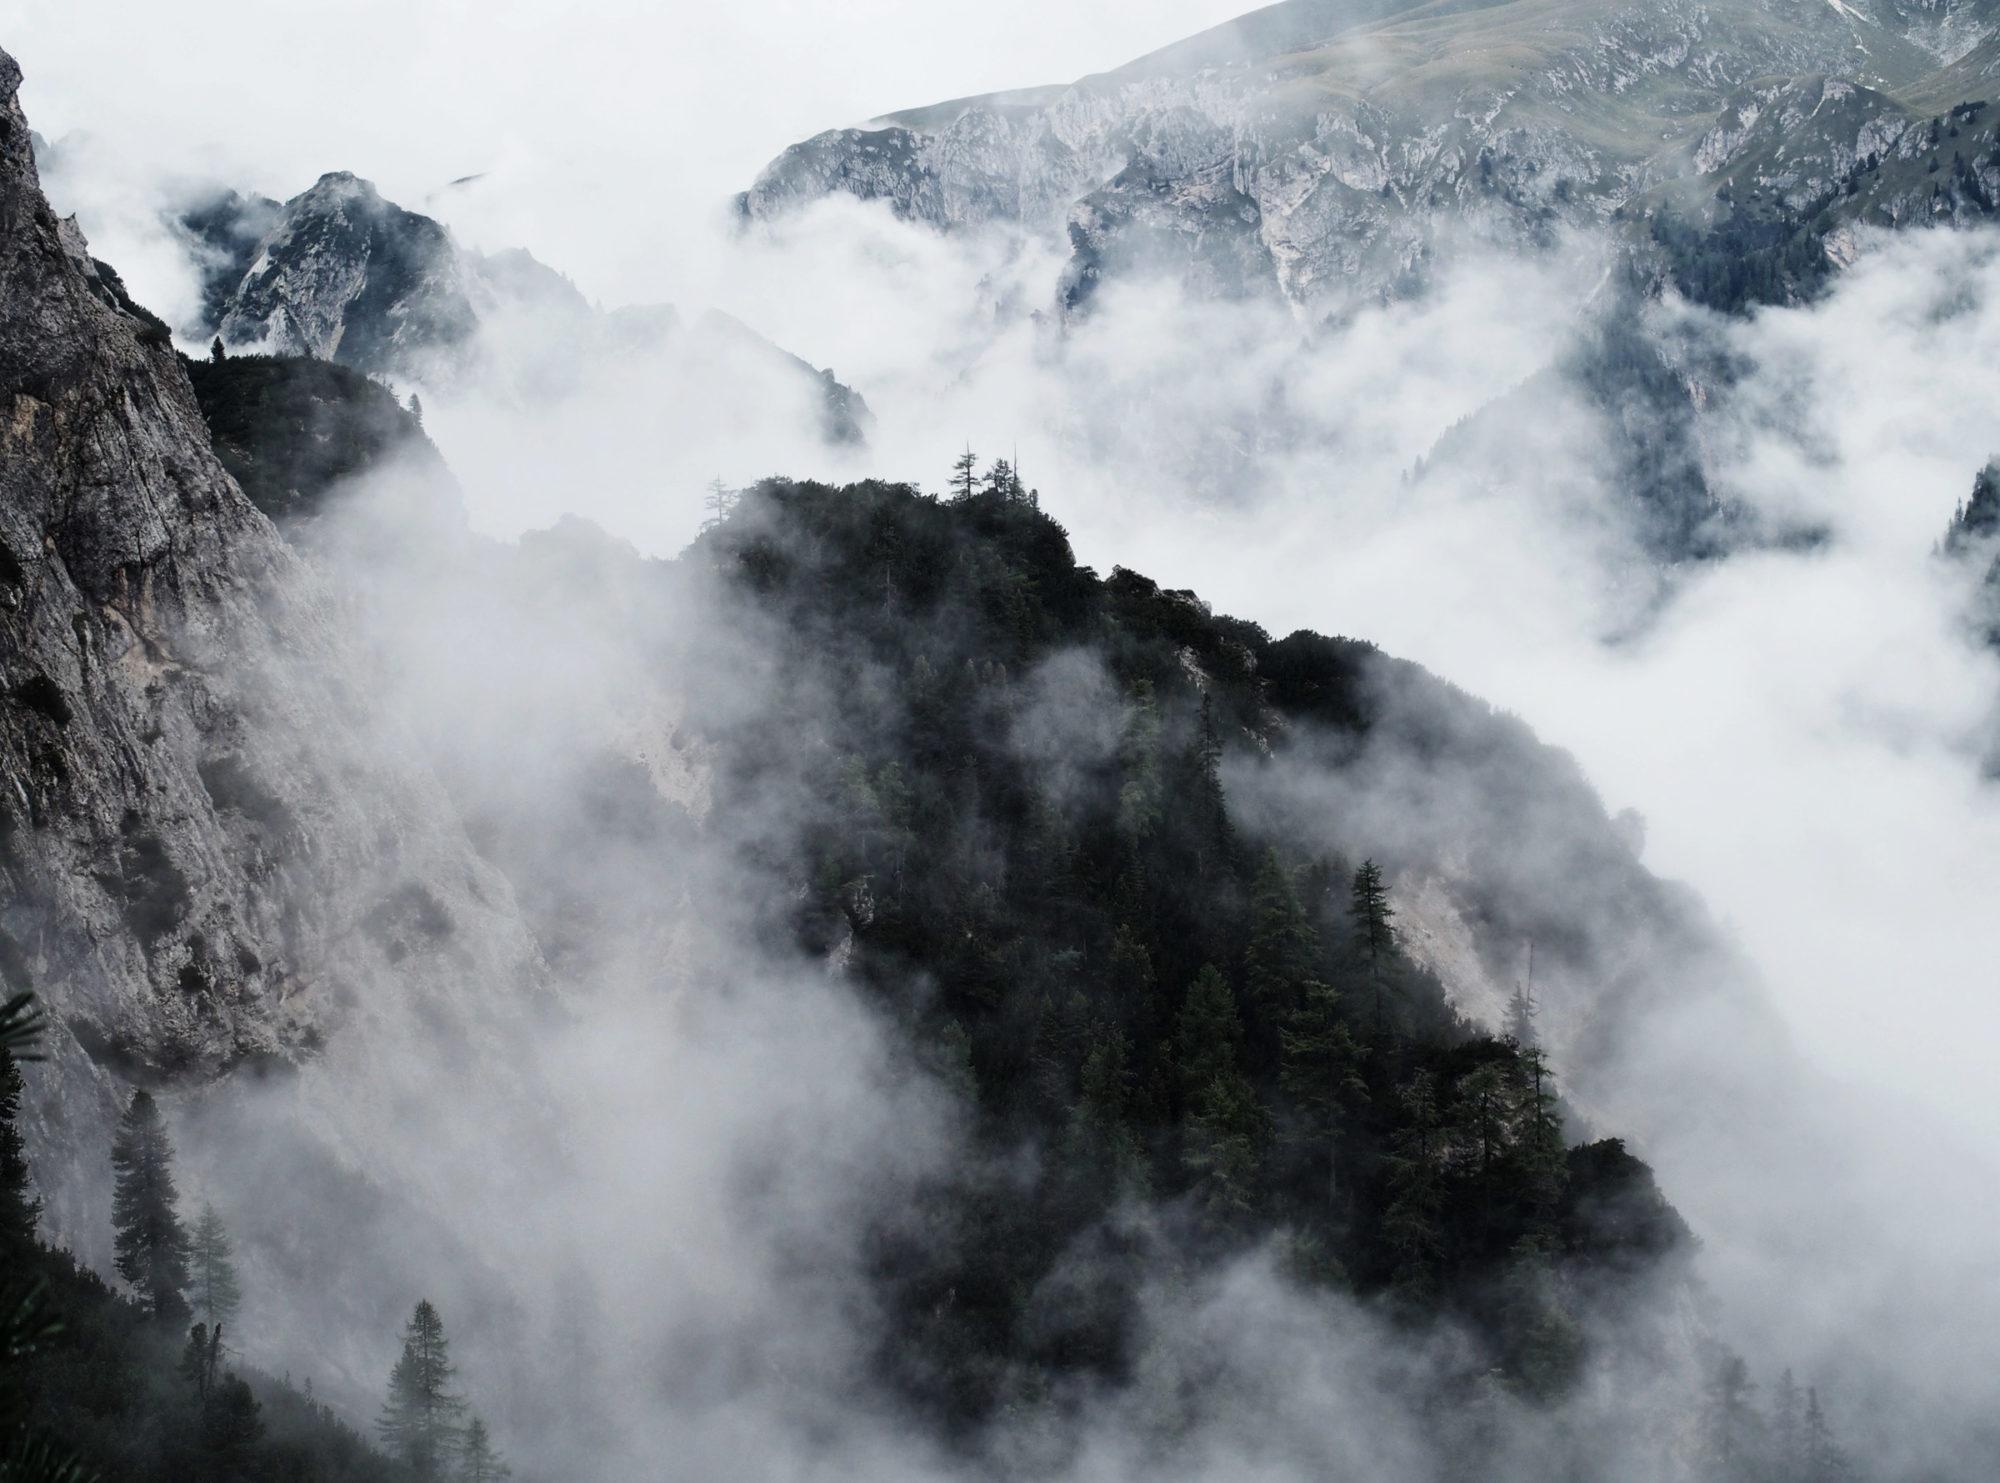 So viele Wolken haben schon was besonderes an sich